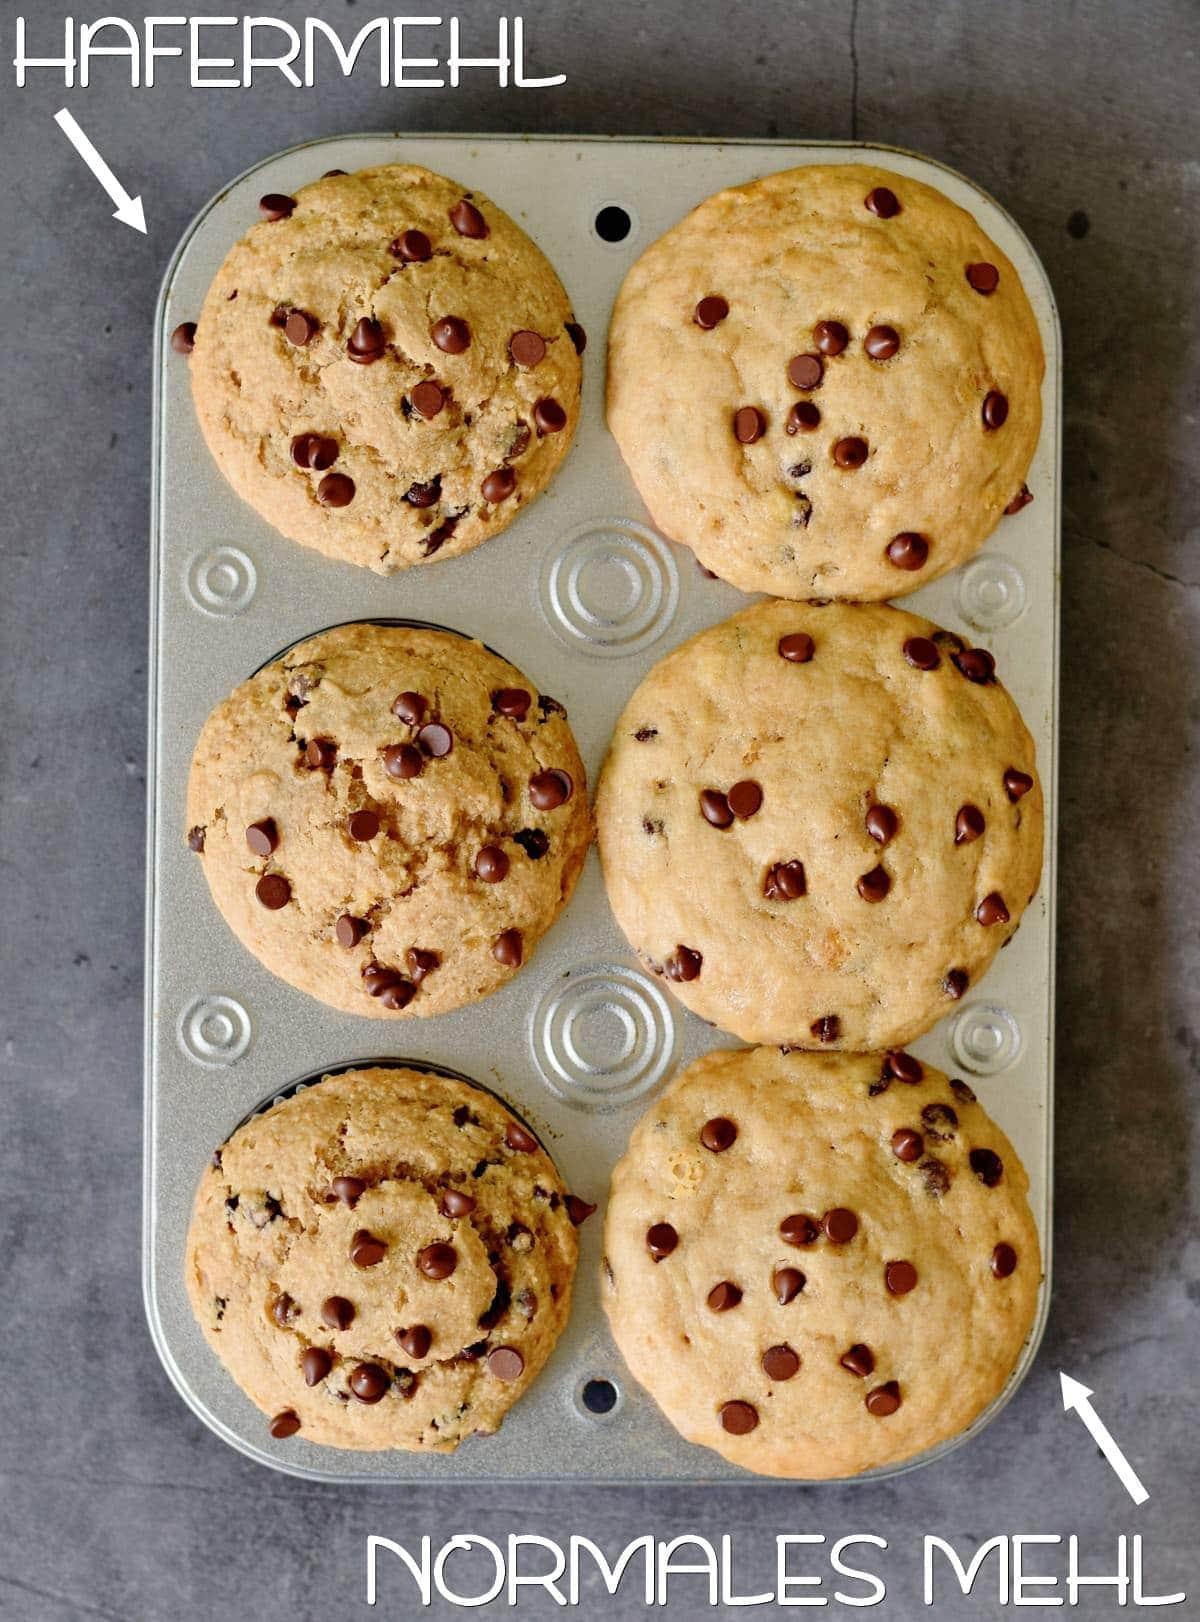 Unterschied Hafermehl Muffins und Weizenmehl Muffins